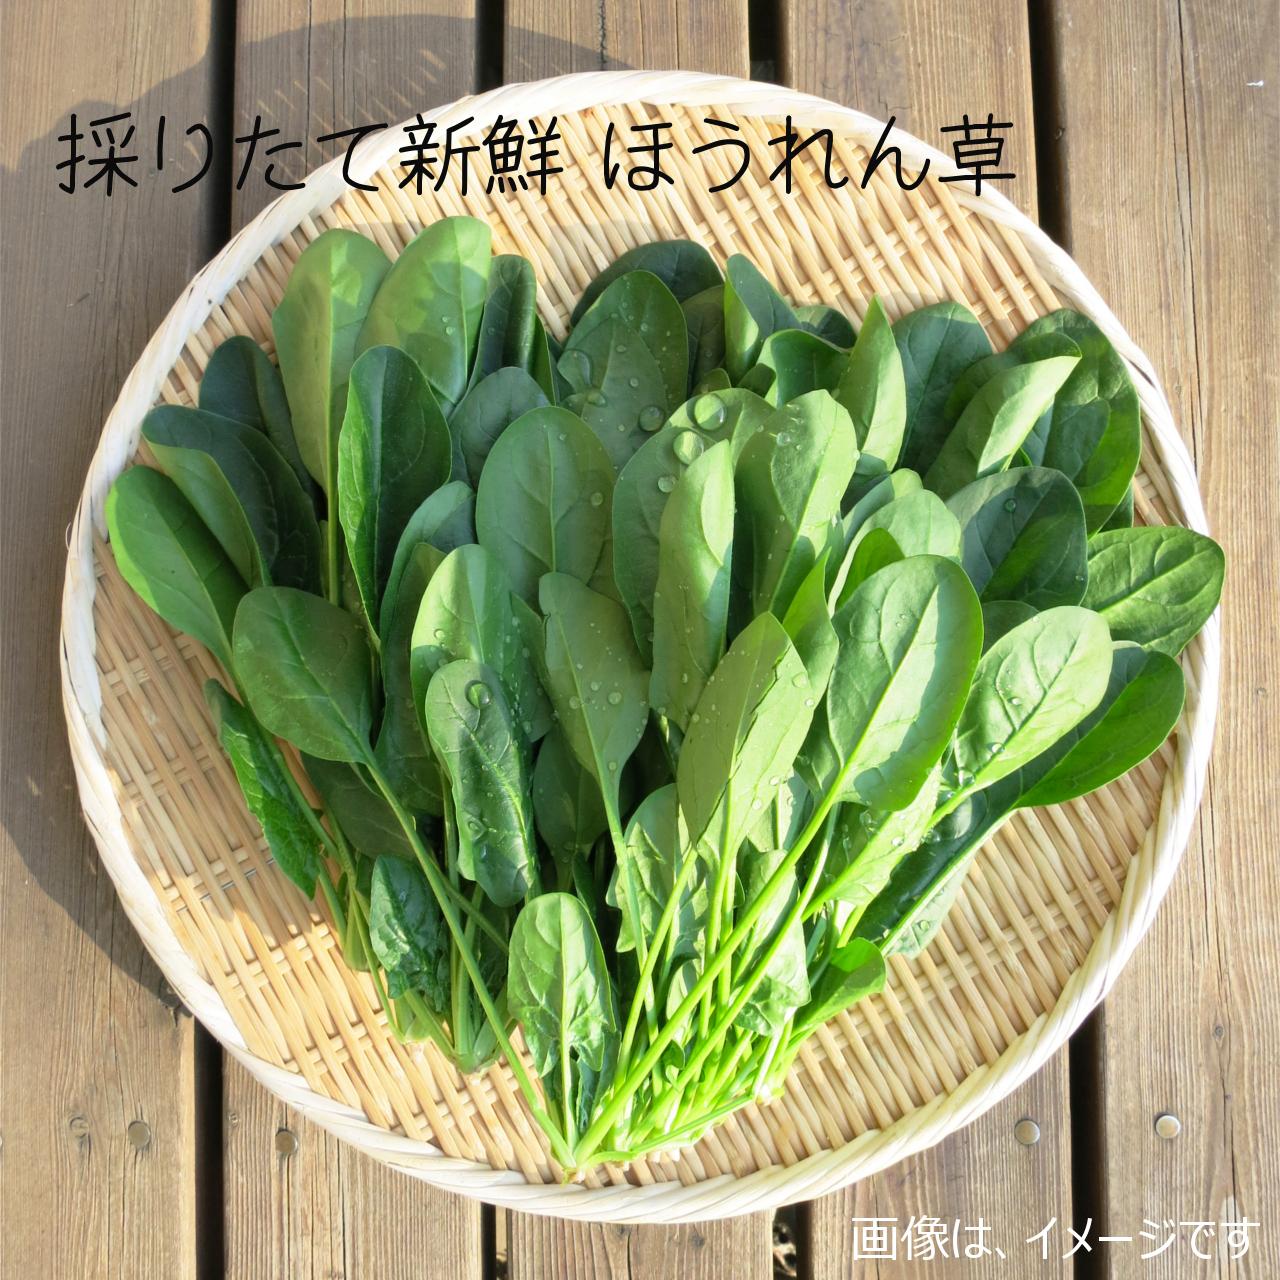 11月の朝採り直売野菜 : ホウレンソウ 約400g 新鮮な秋野菜 11月14日発送予定